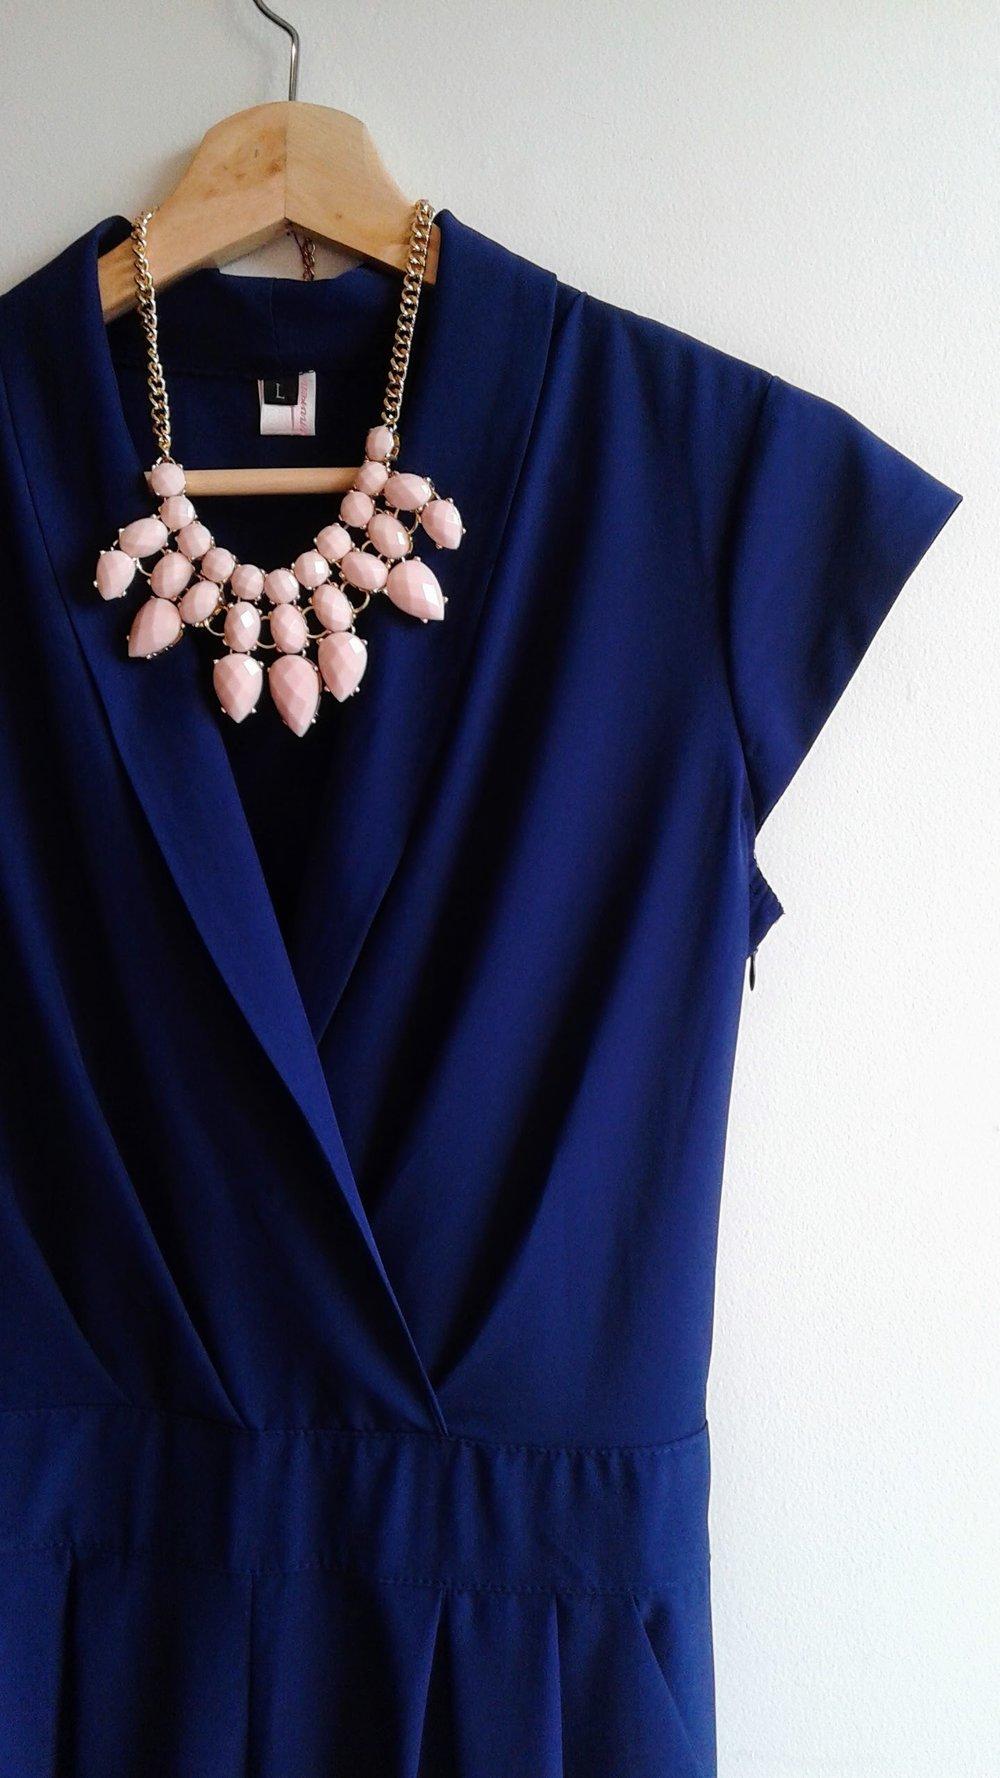 Jump suit; Size L, $36. Necklace, $28